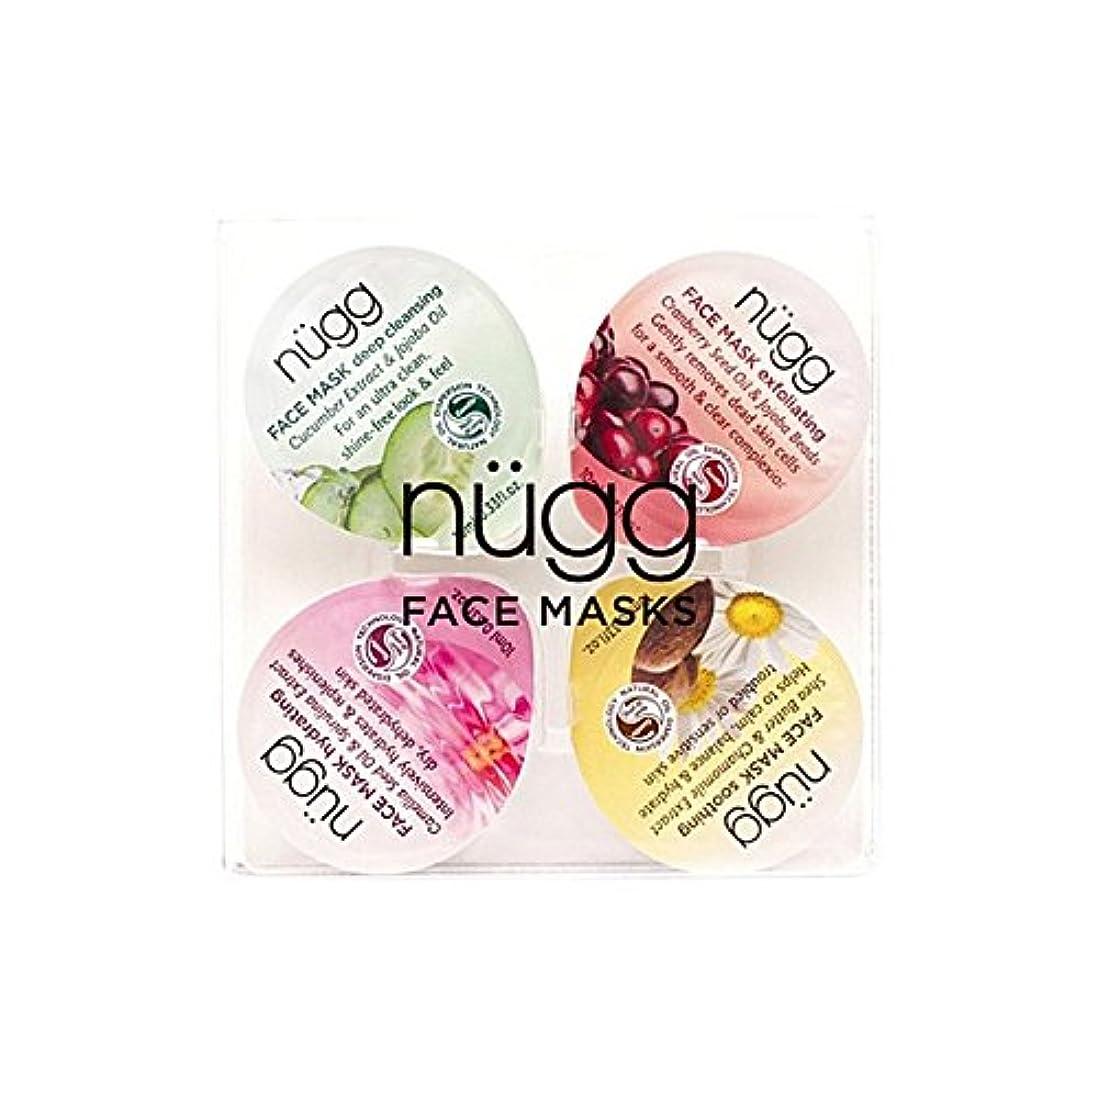 くつろぐ実装するバターフェイスマスクセット x2 - Nugg Face Mask Set (Pack of 2) [並行輸入品]